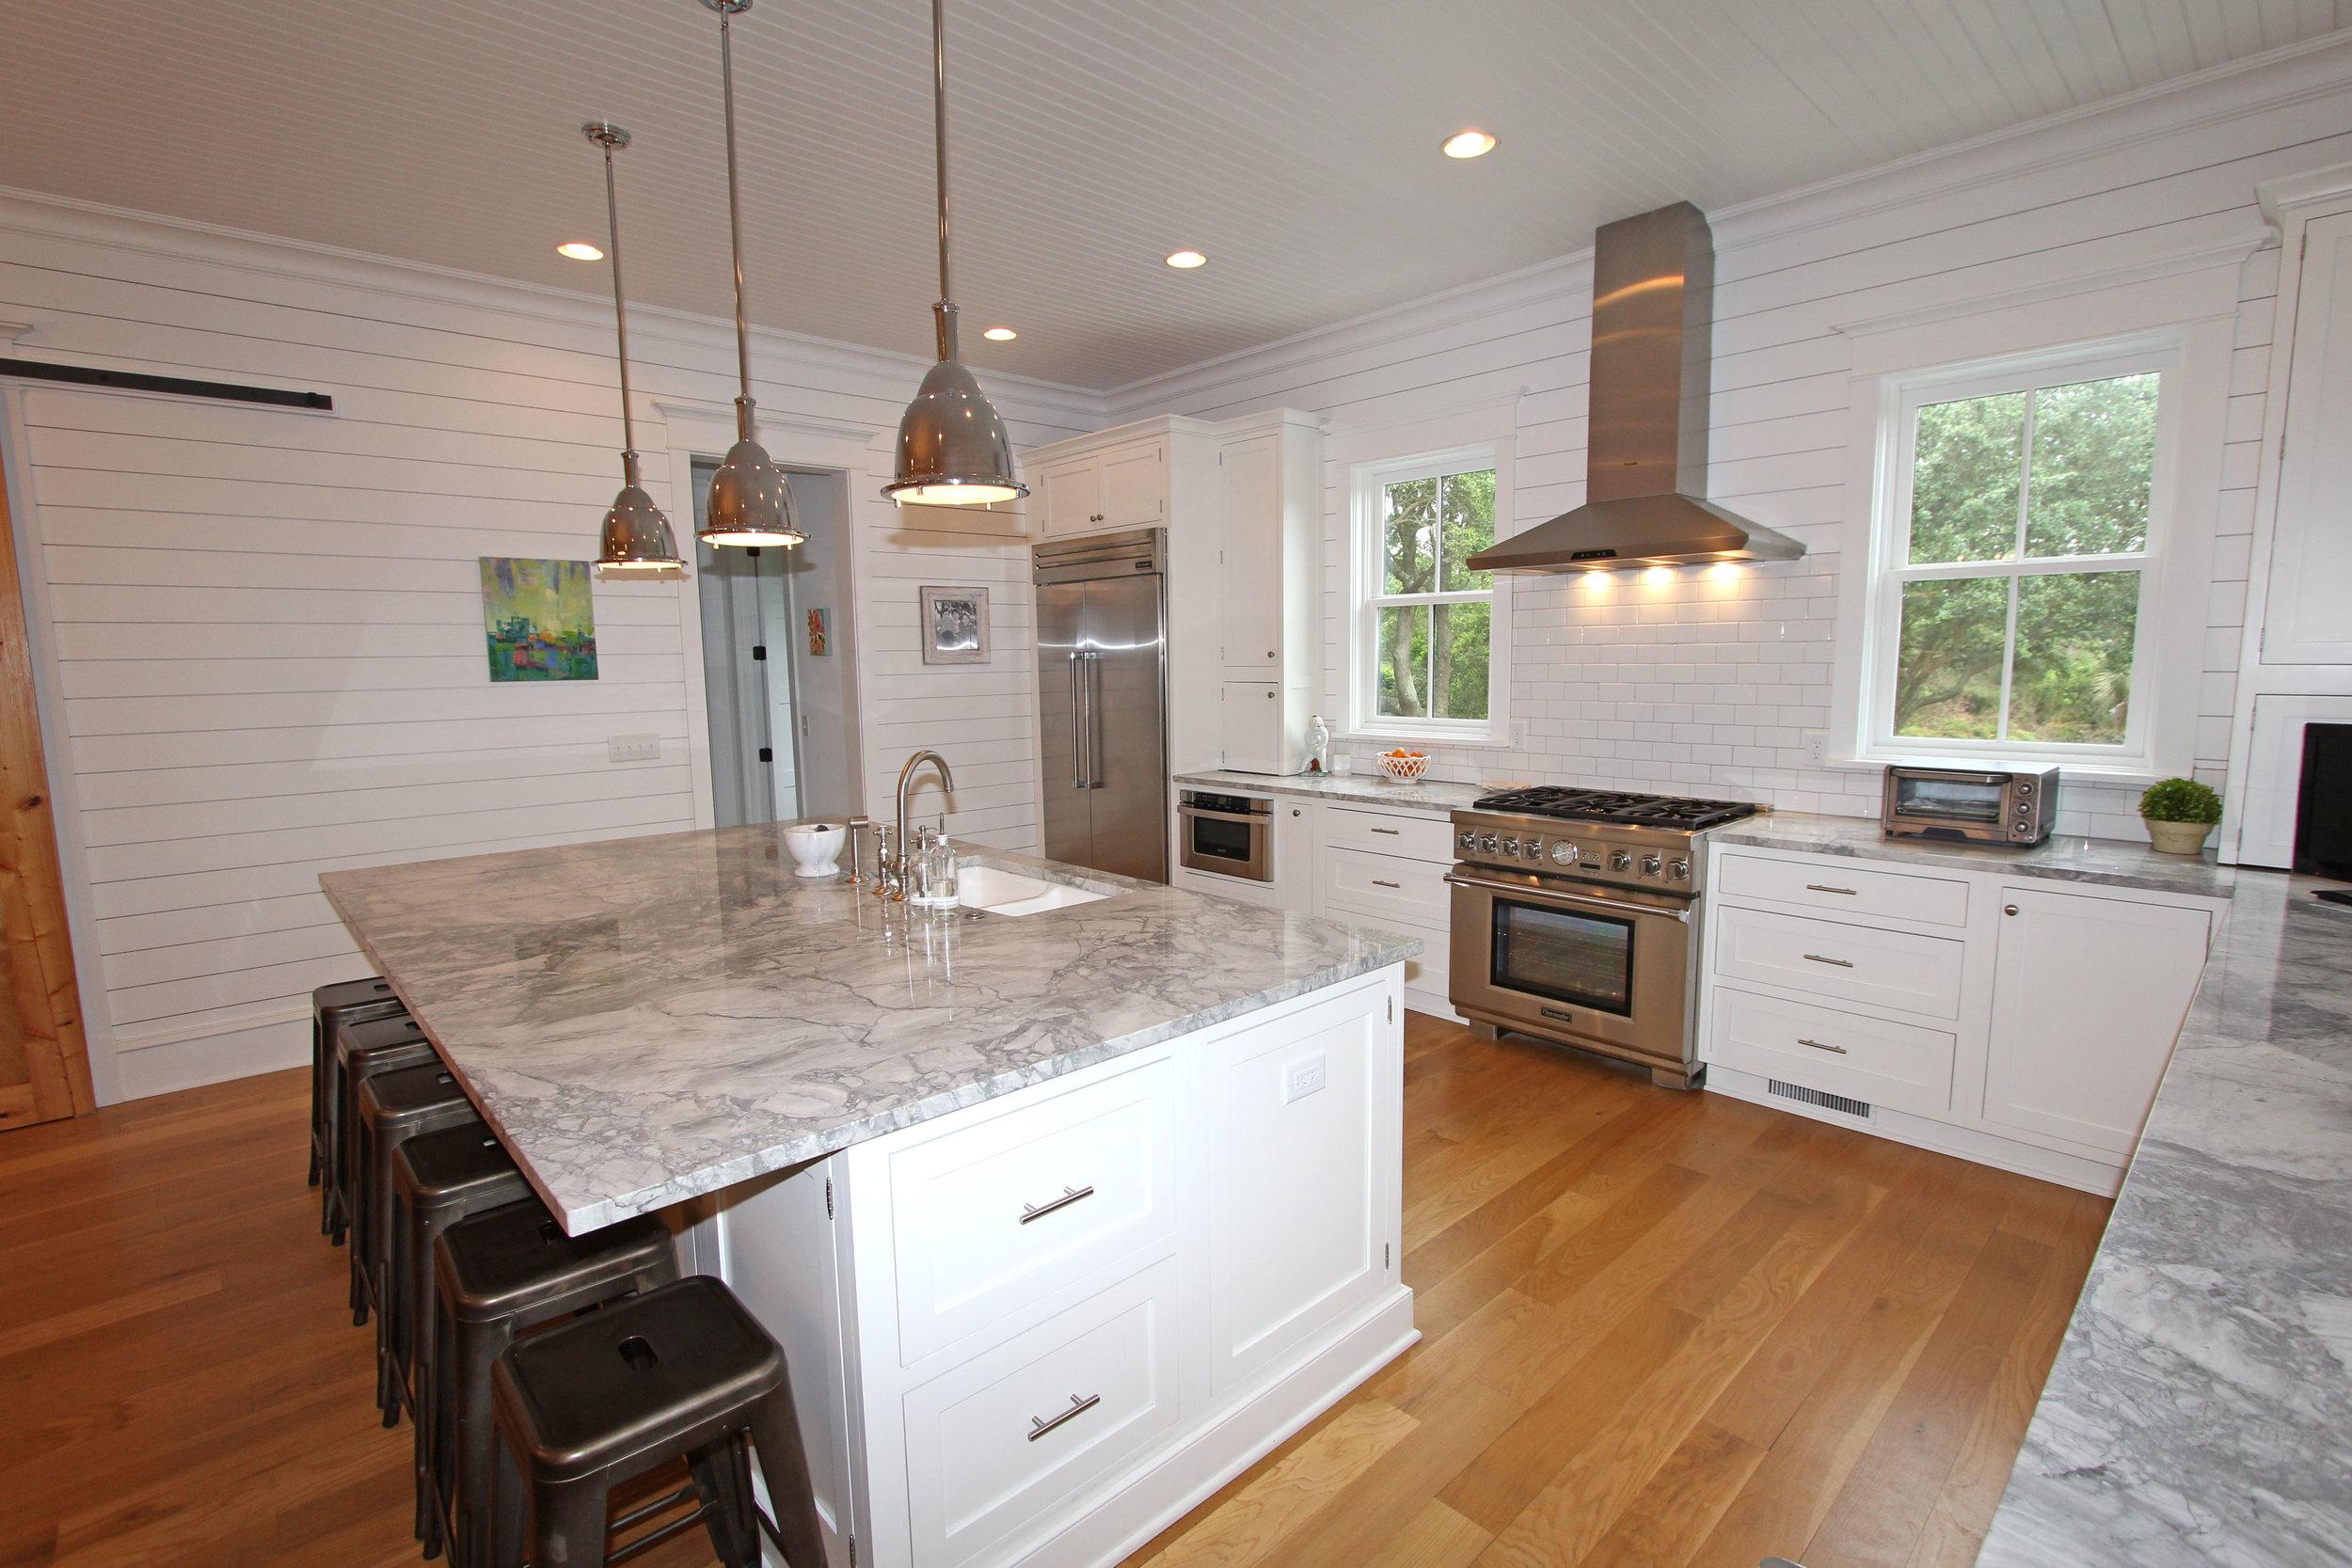 kitchen - view 1.jpg